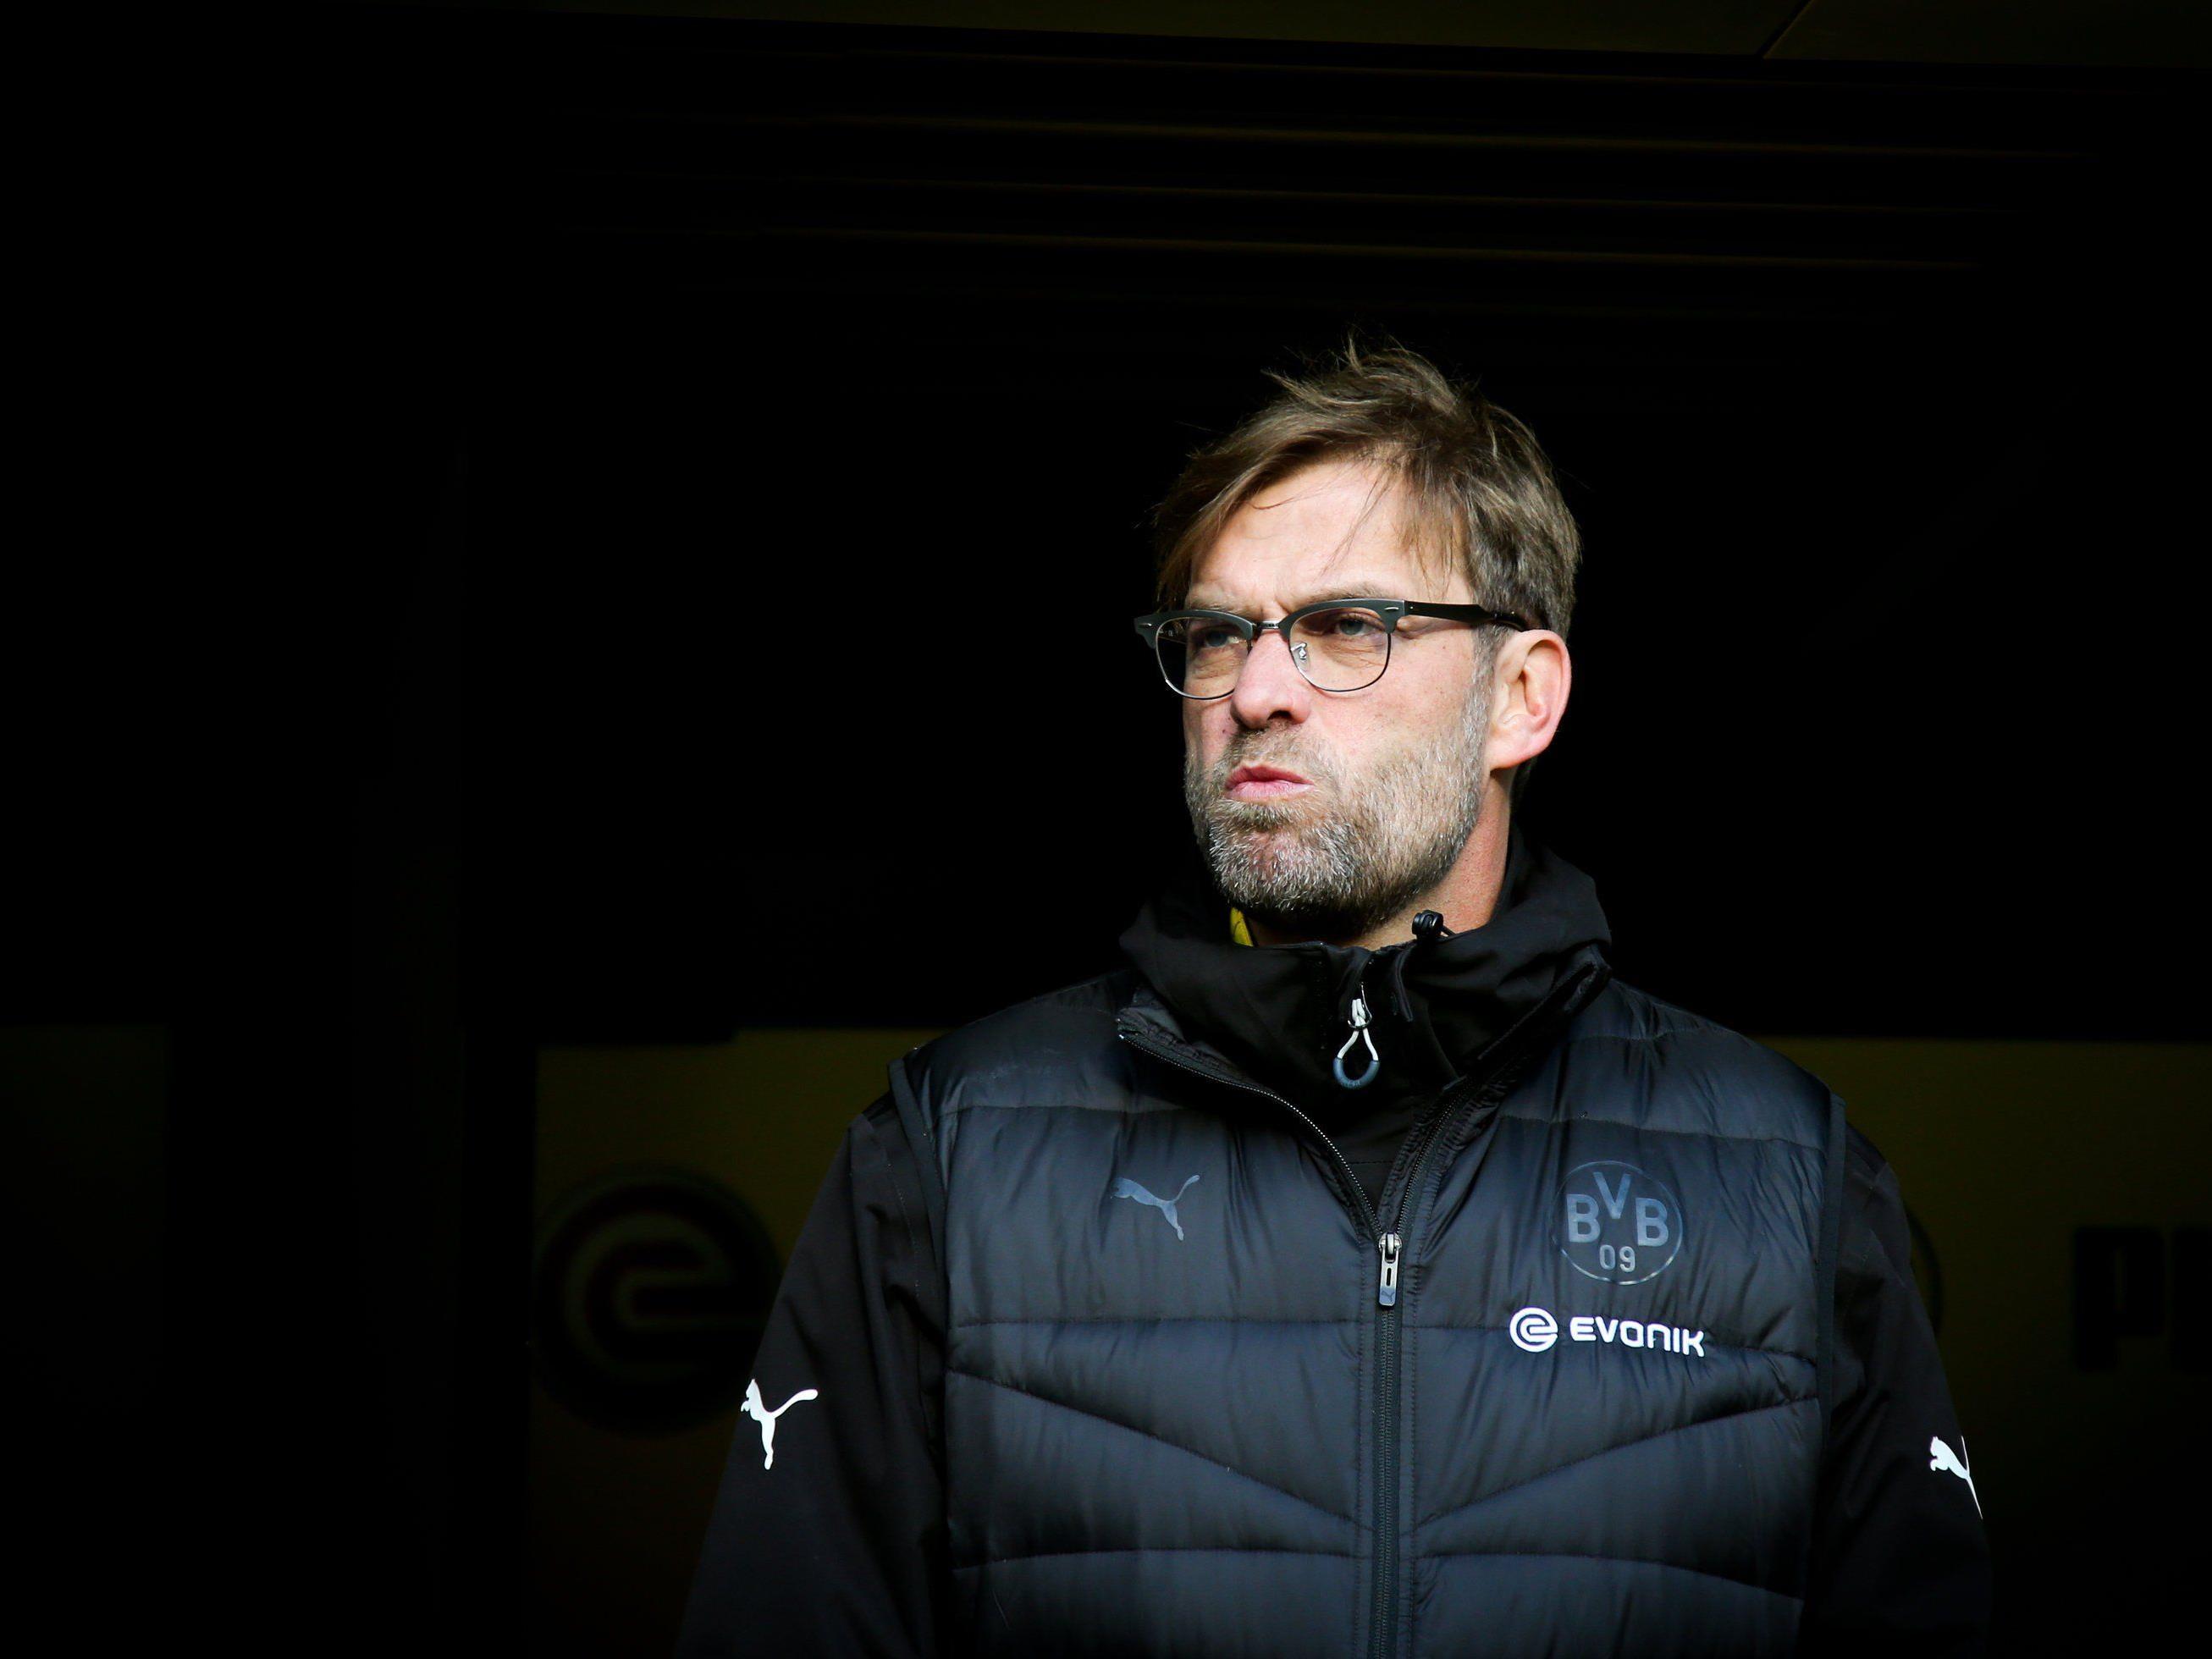 Kult-Trainer Jürgen Klopp verlässt Borussia Dortmund.